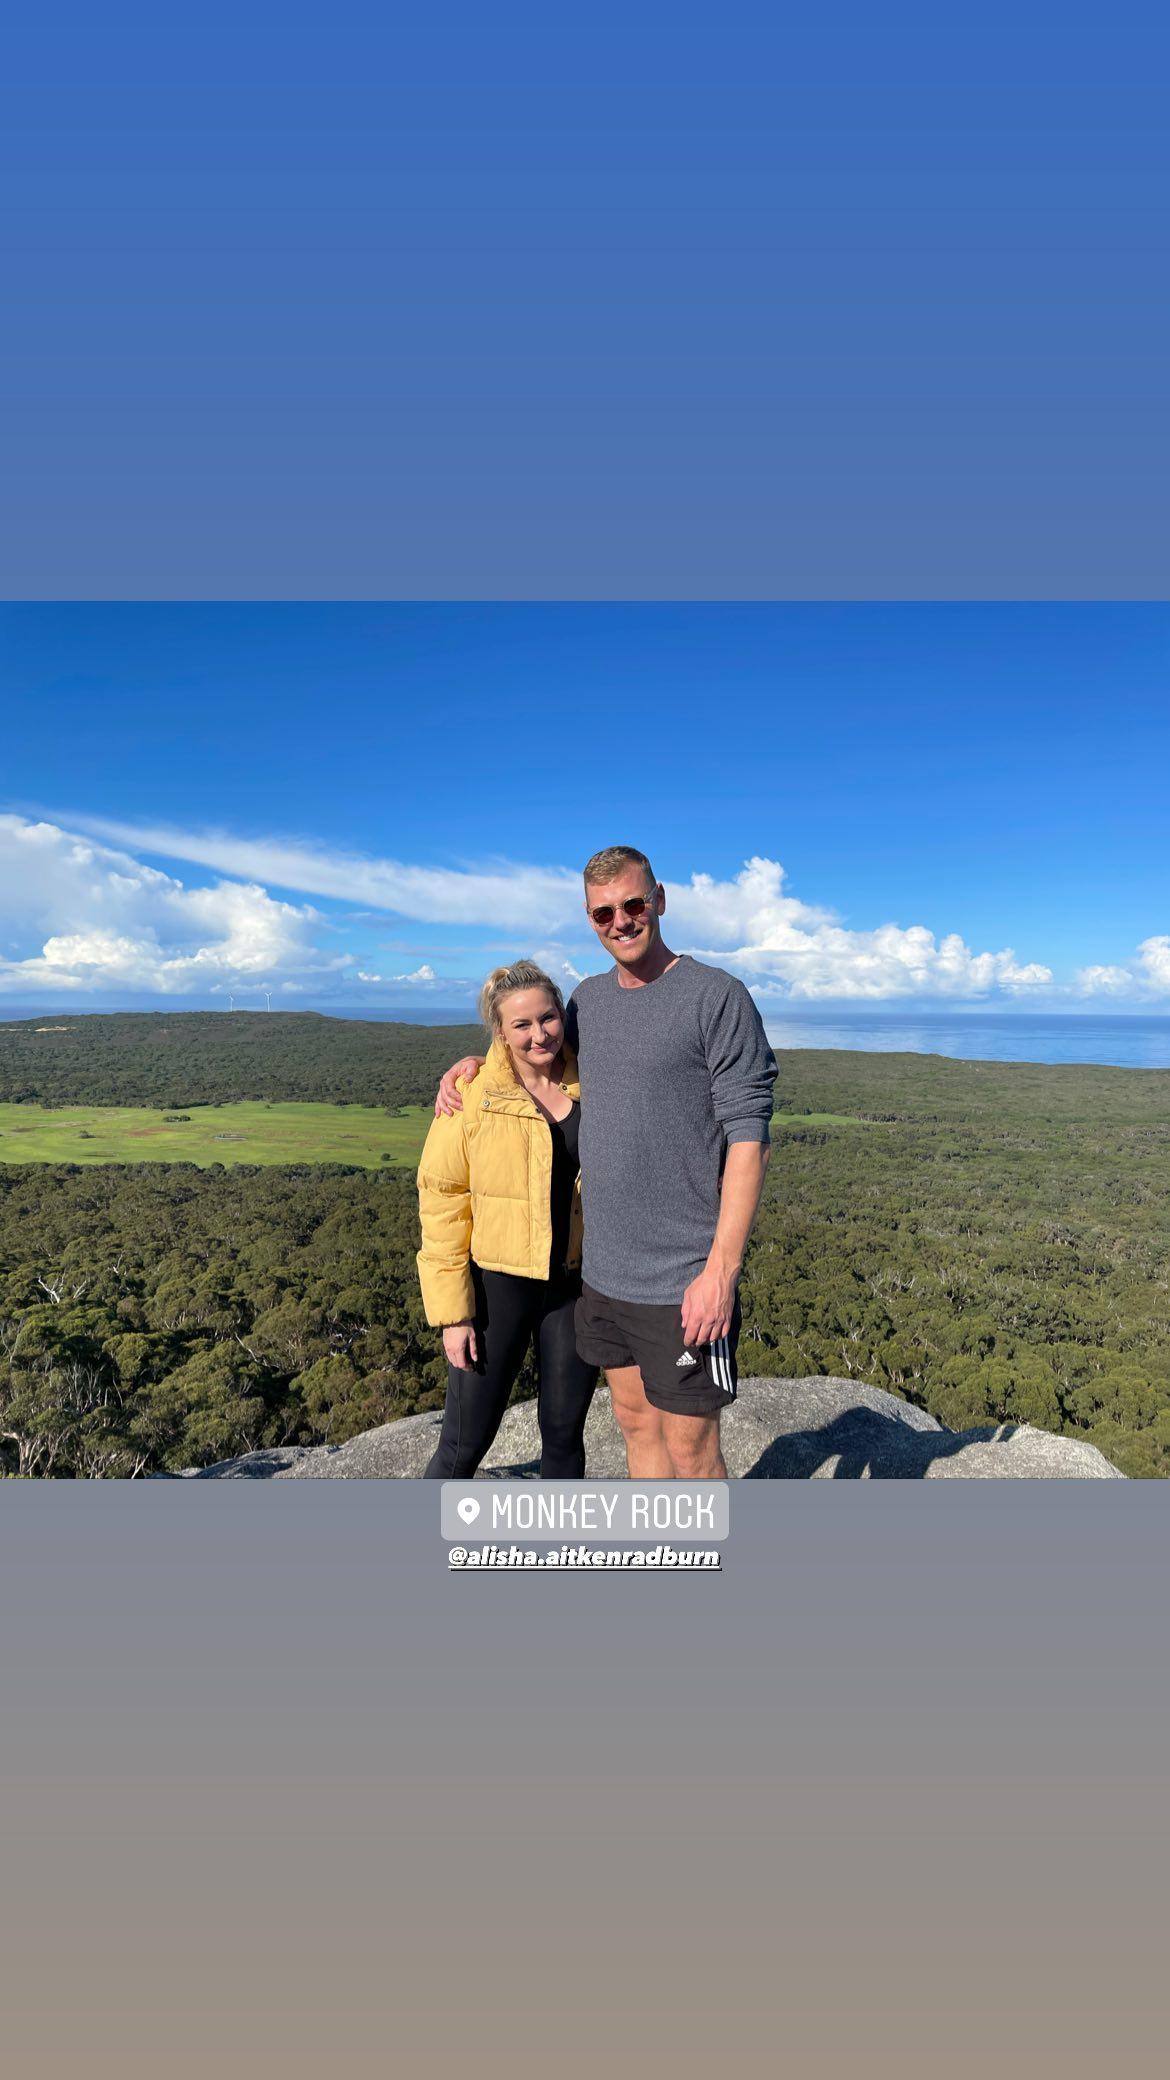 Alisha Aitken-Radburn - Glenn Smith - BIP Australia - Season 3 - Discussion - Page 2 Glenns11